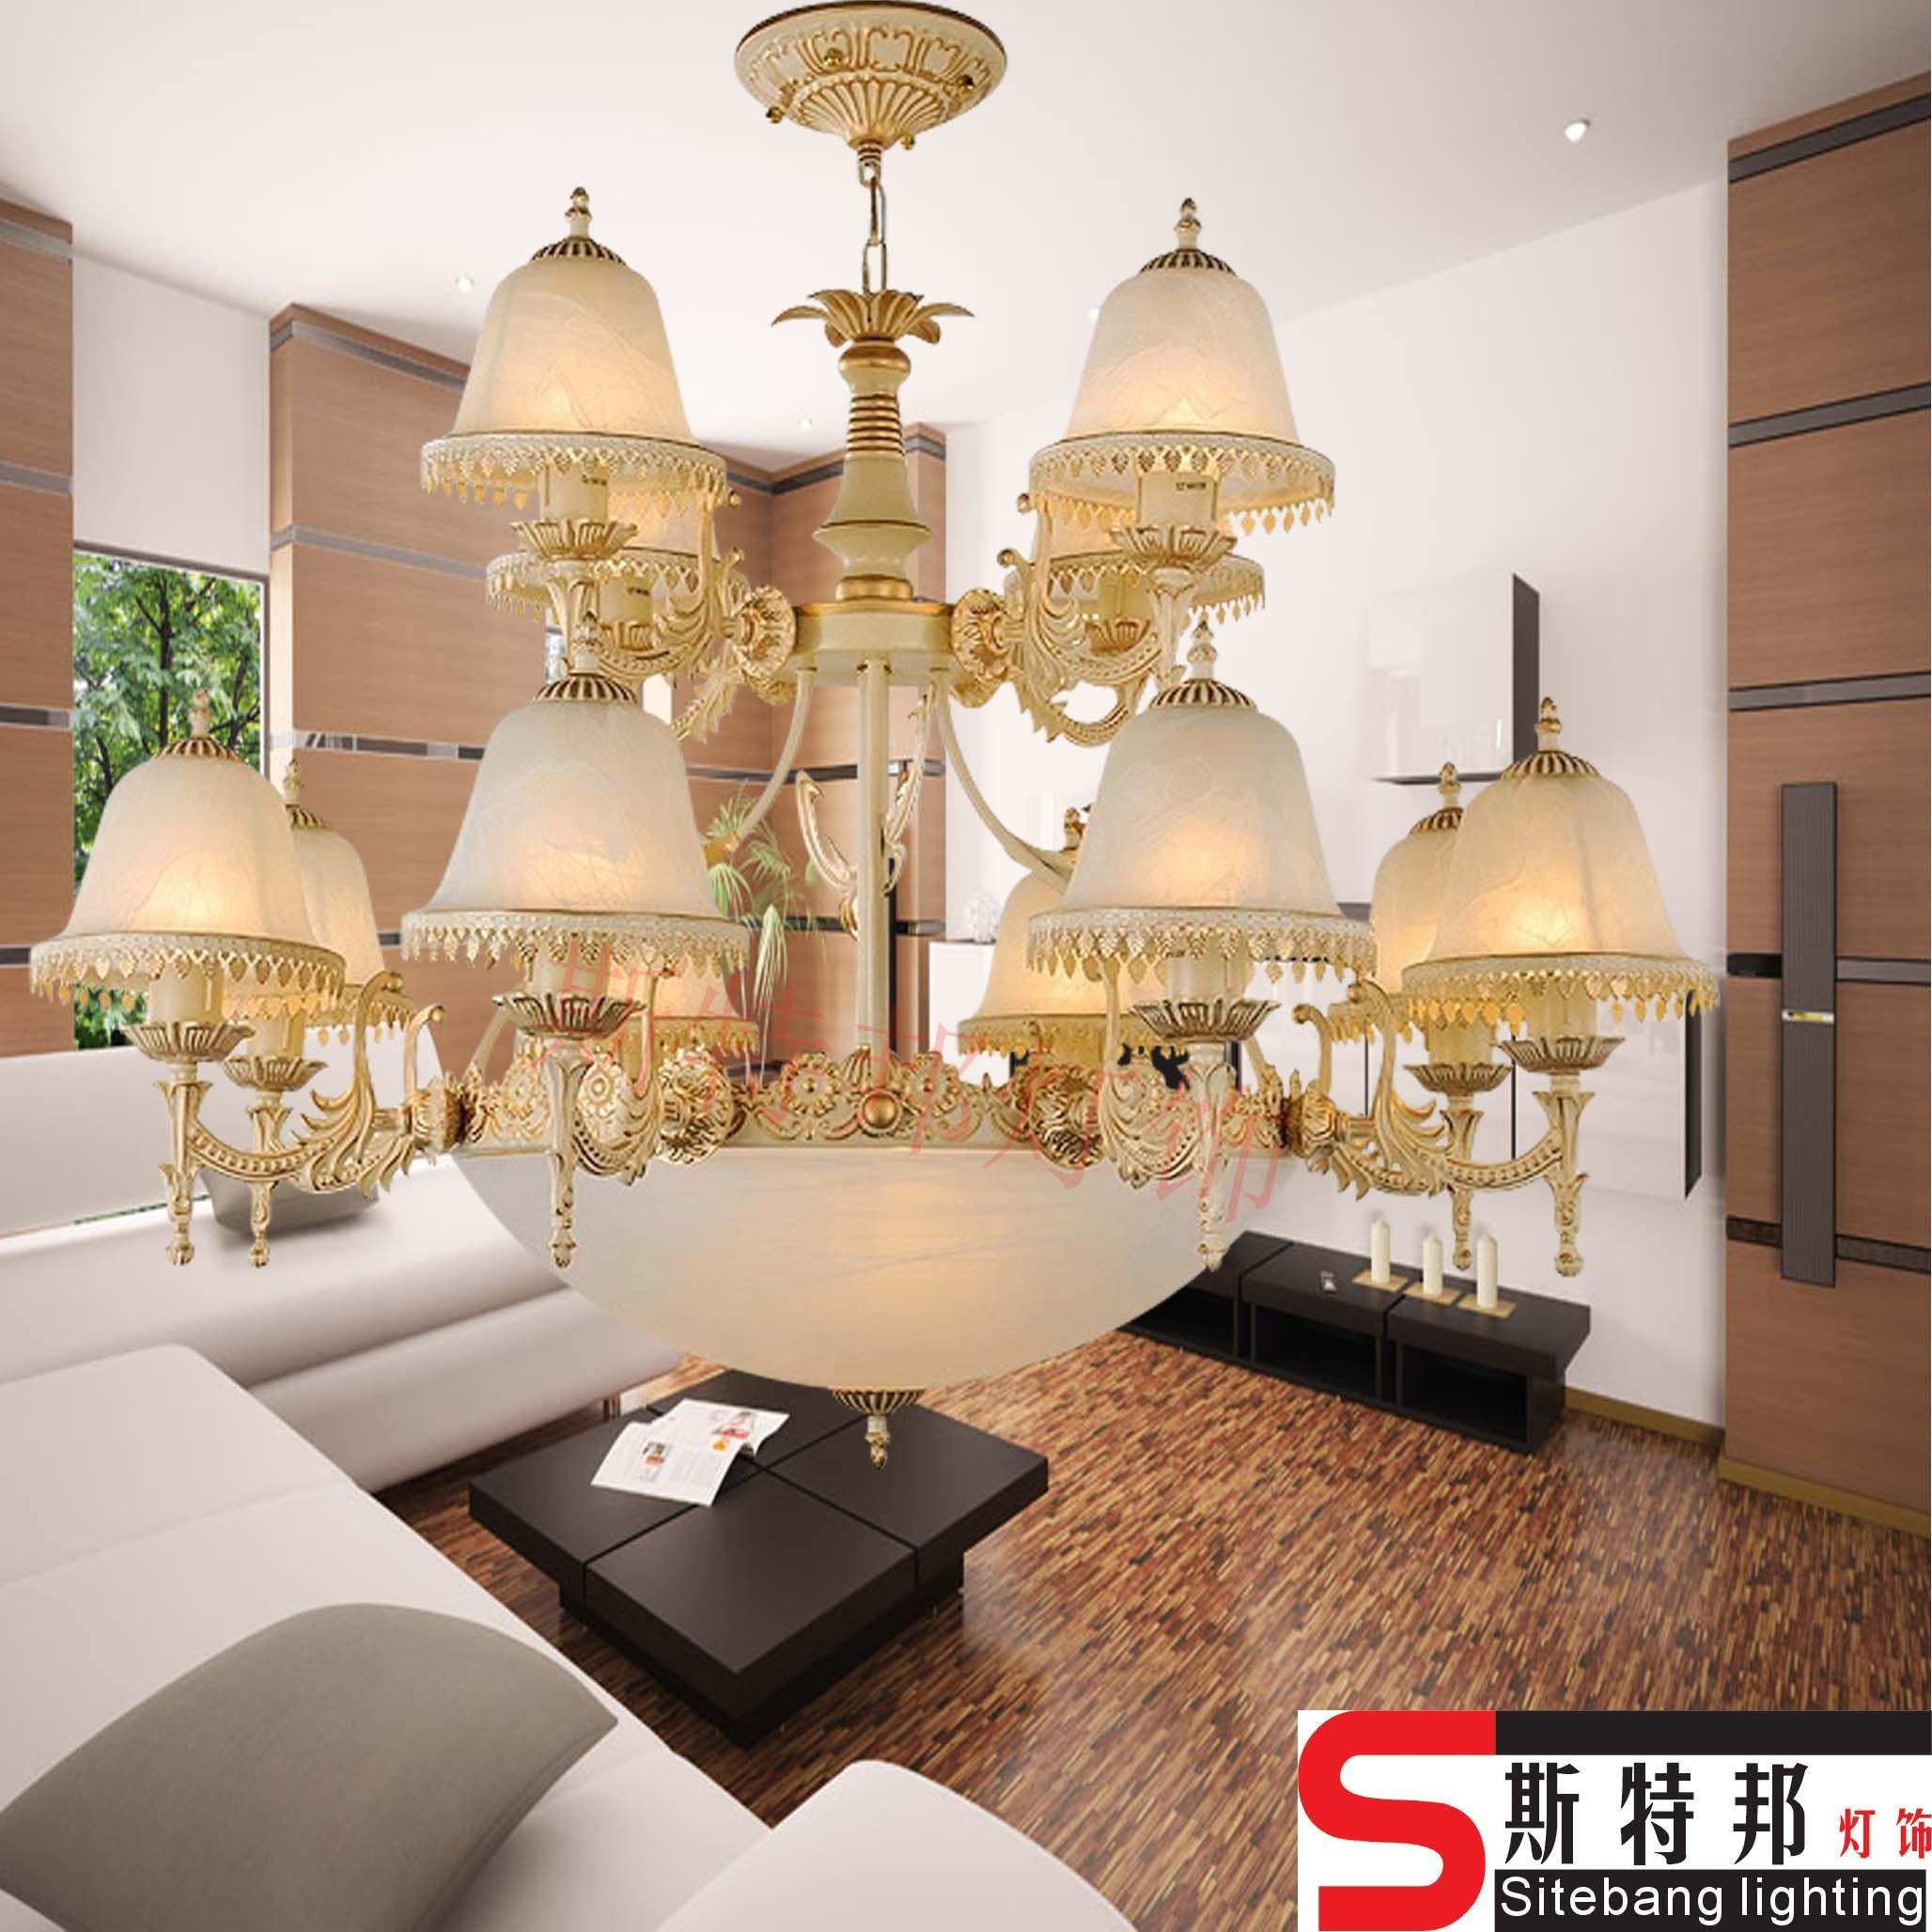 Living Room Hanging Lights Room Hanging Lights Hang From Ceiling Decor Ceiling Decor Hanging lights for living room